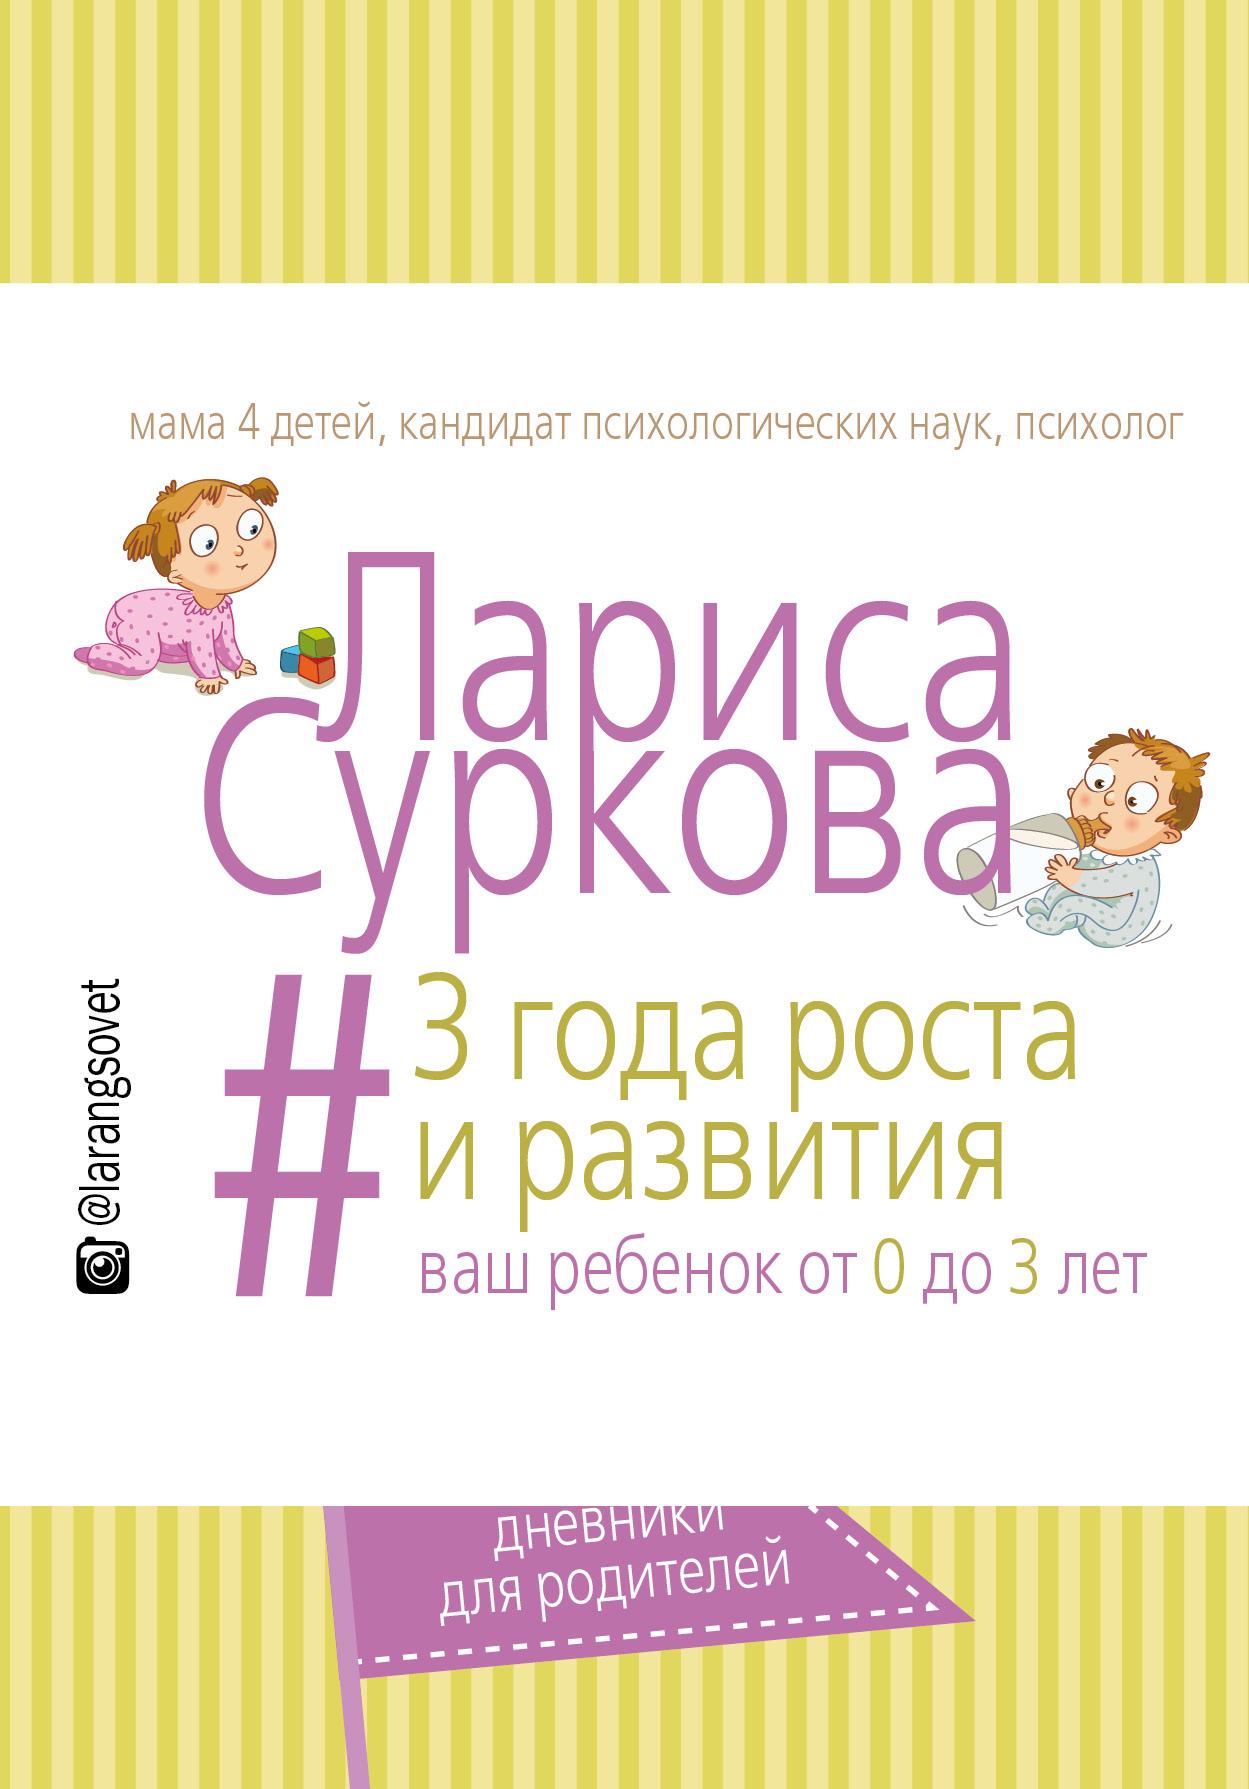 Суркова Л.М. 3 года роста и развития: ваш ребенок от 0 до 3 лет